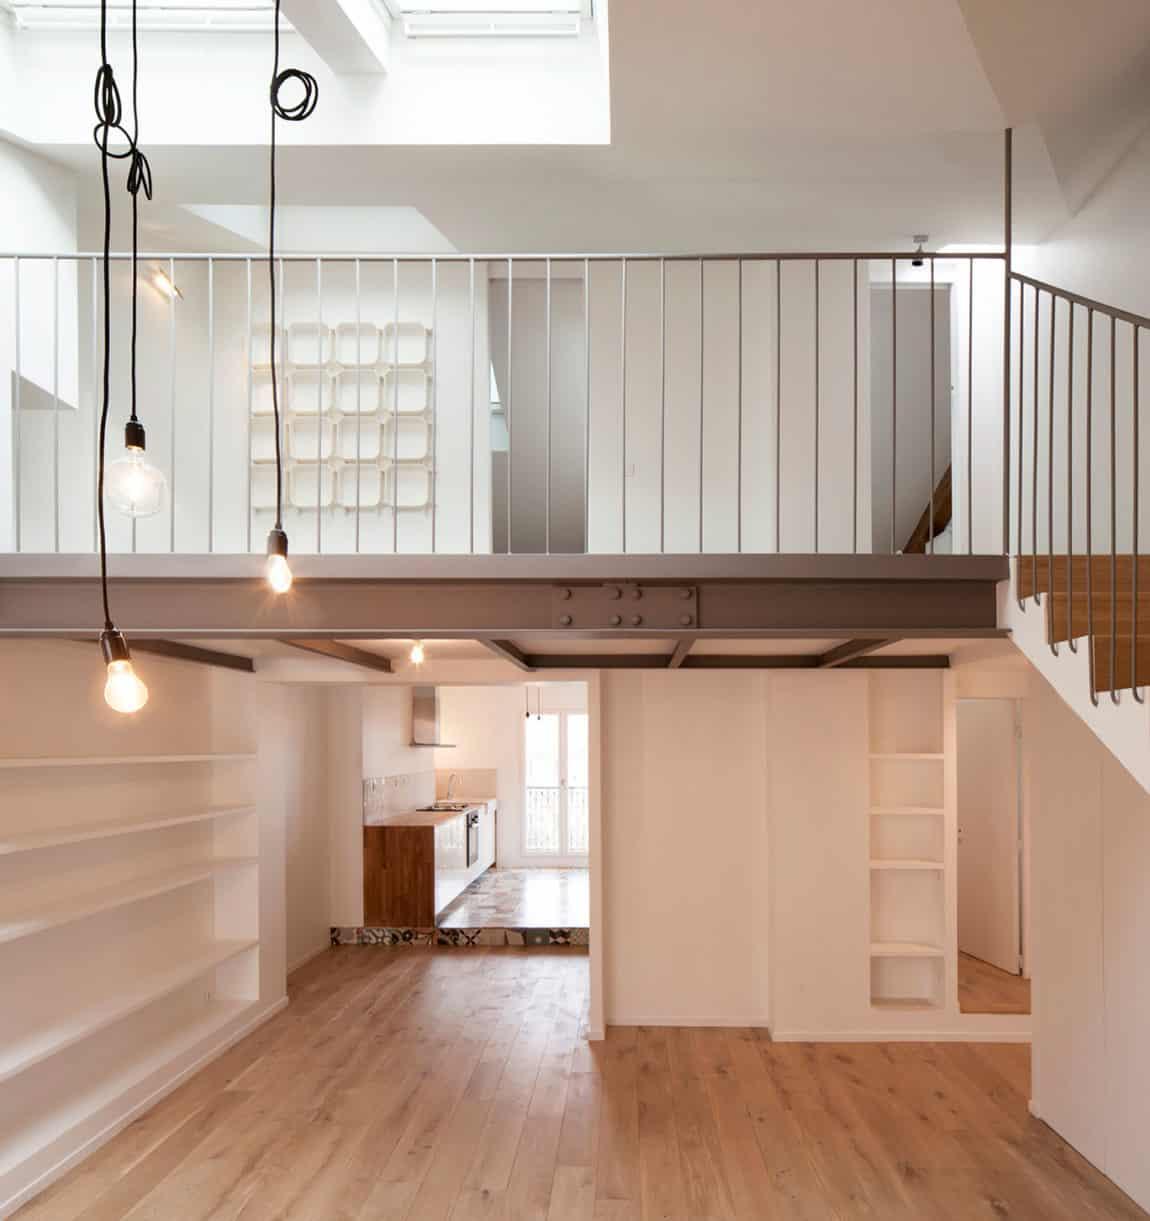 Duplex in Saint-Mandé by CAIROS Architecture et Paysage (1)